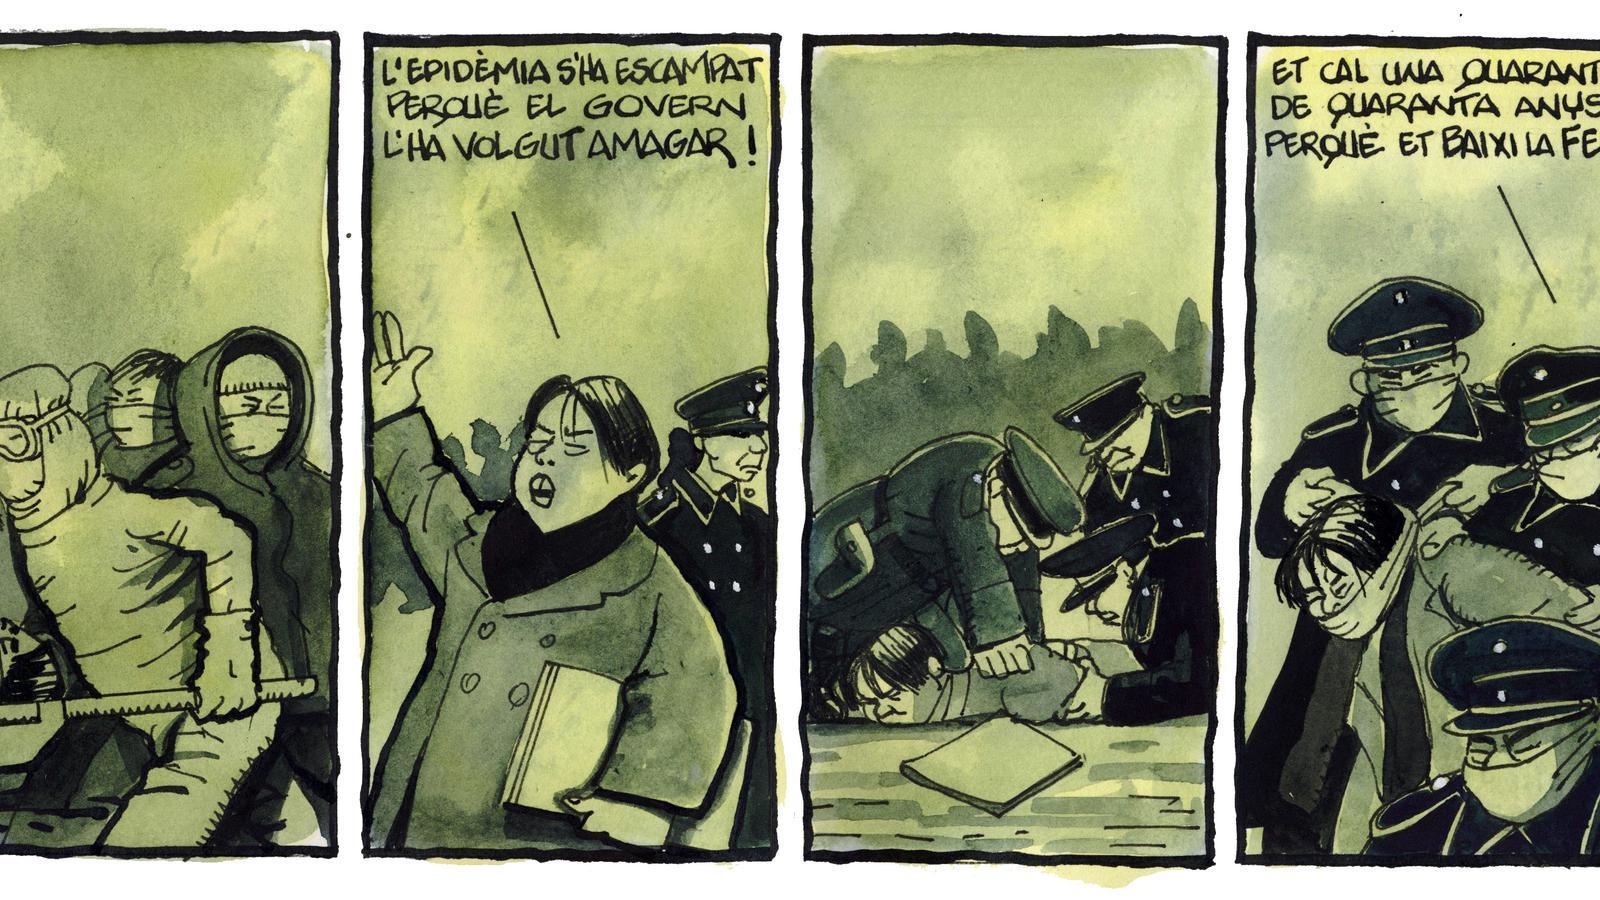 'A la contra', per Ferreres 21/02/2020